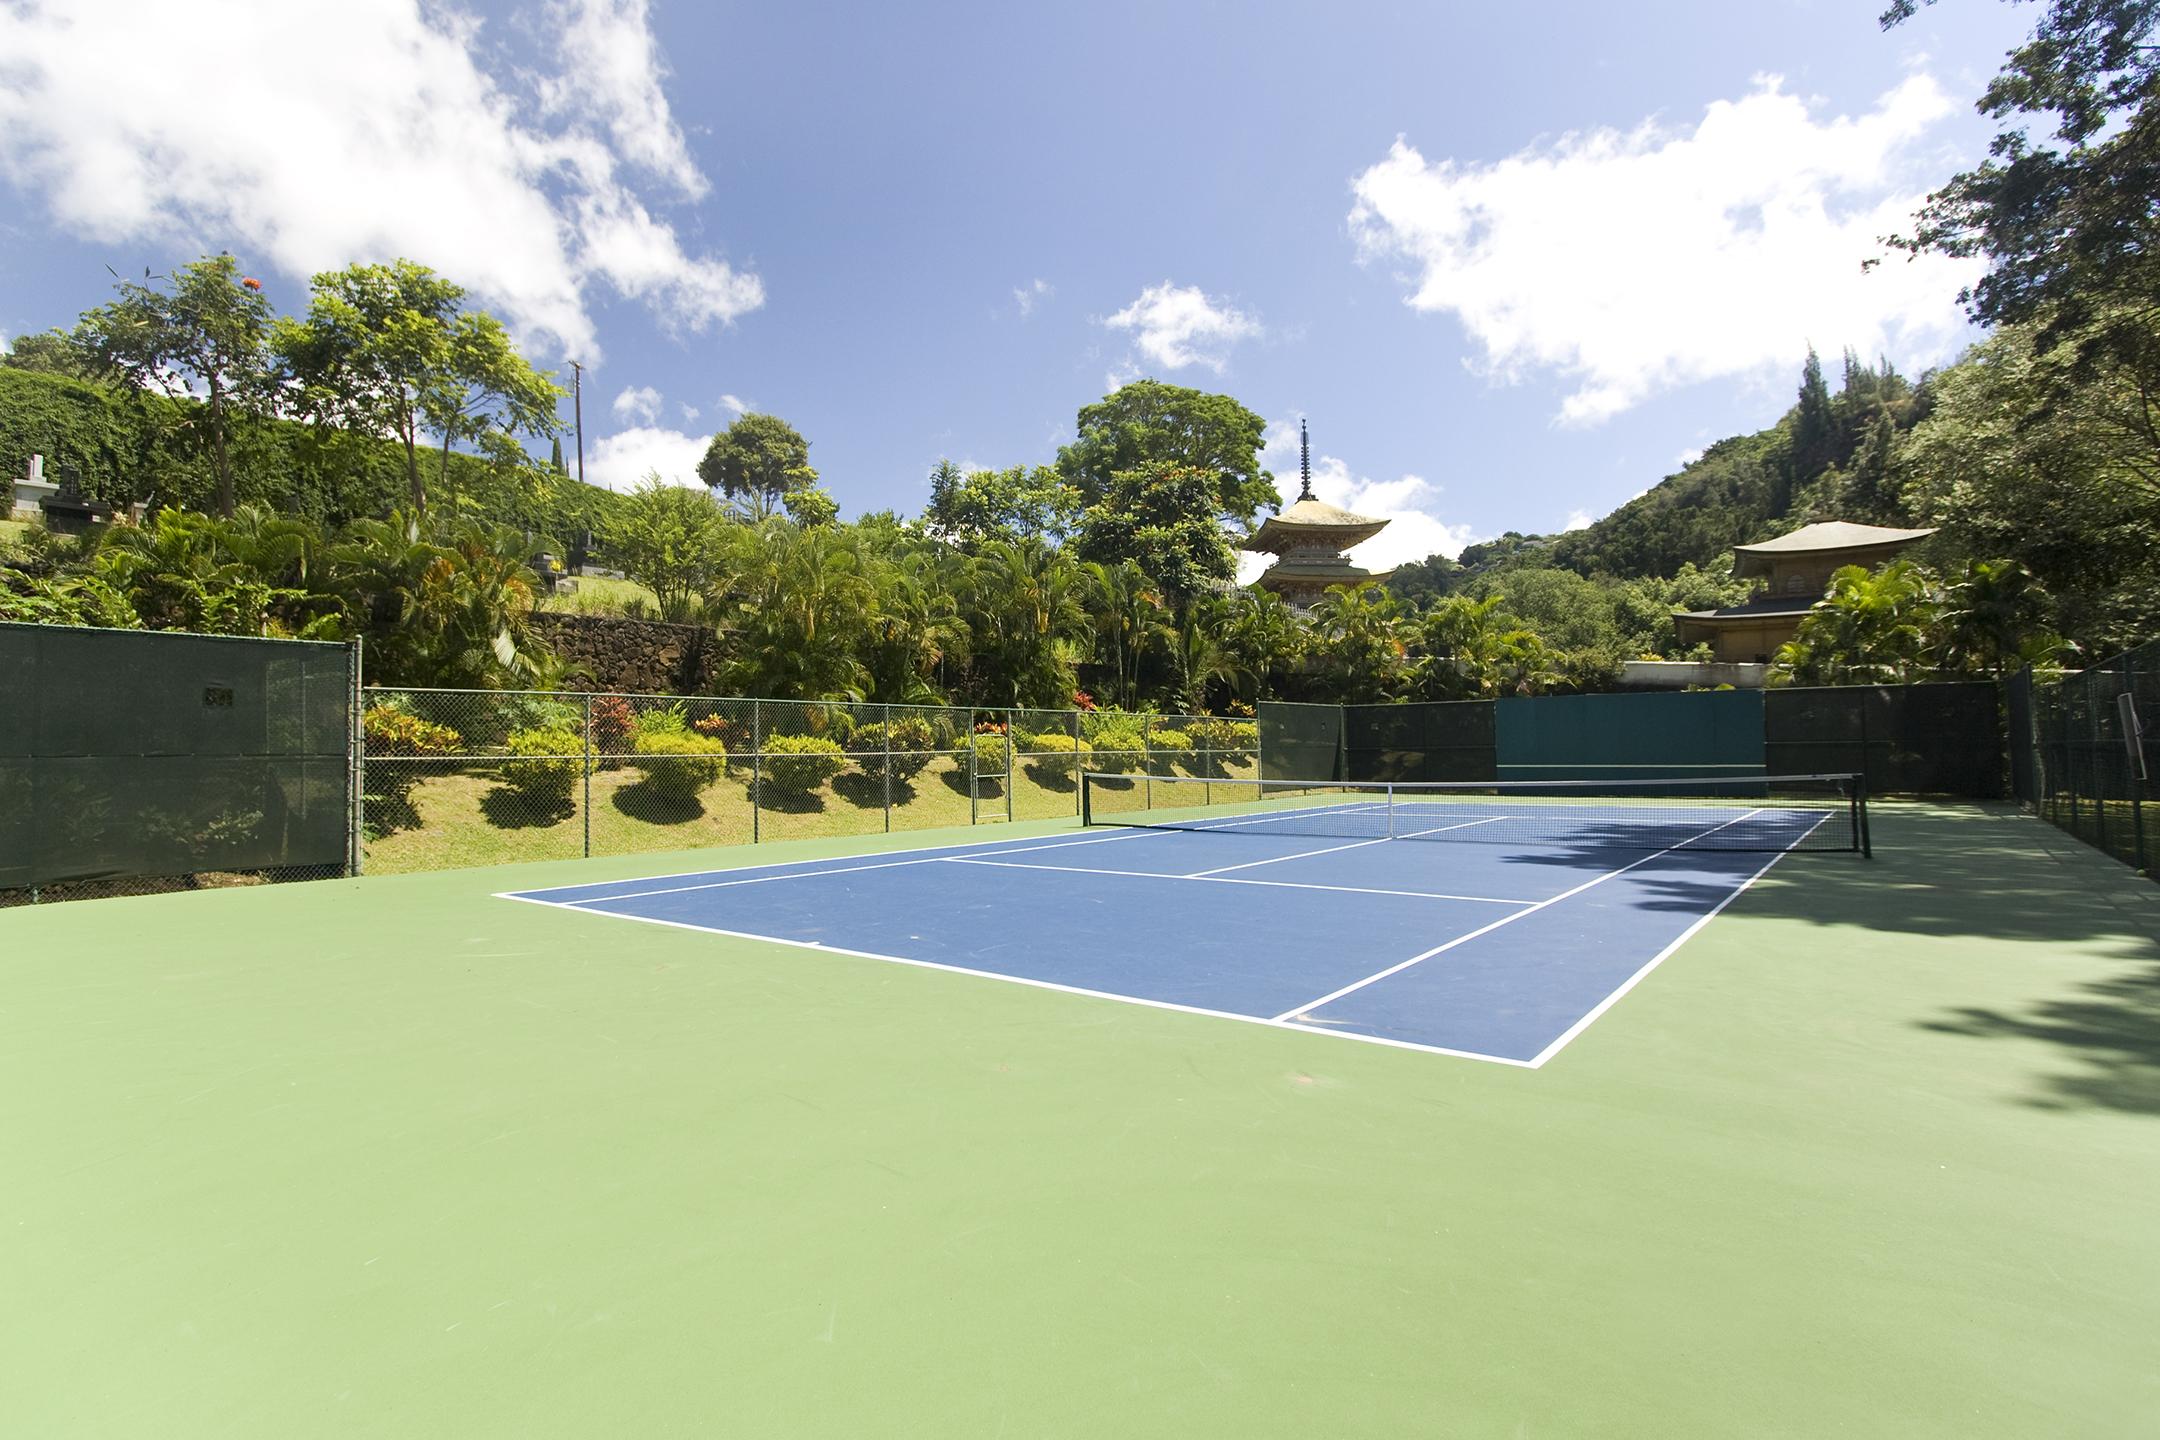 Tennis at 2101 Nuuanu Ave #I/1806 Honolulu, HI 96817